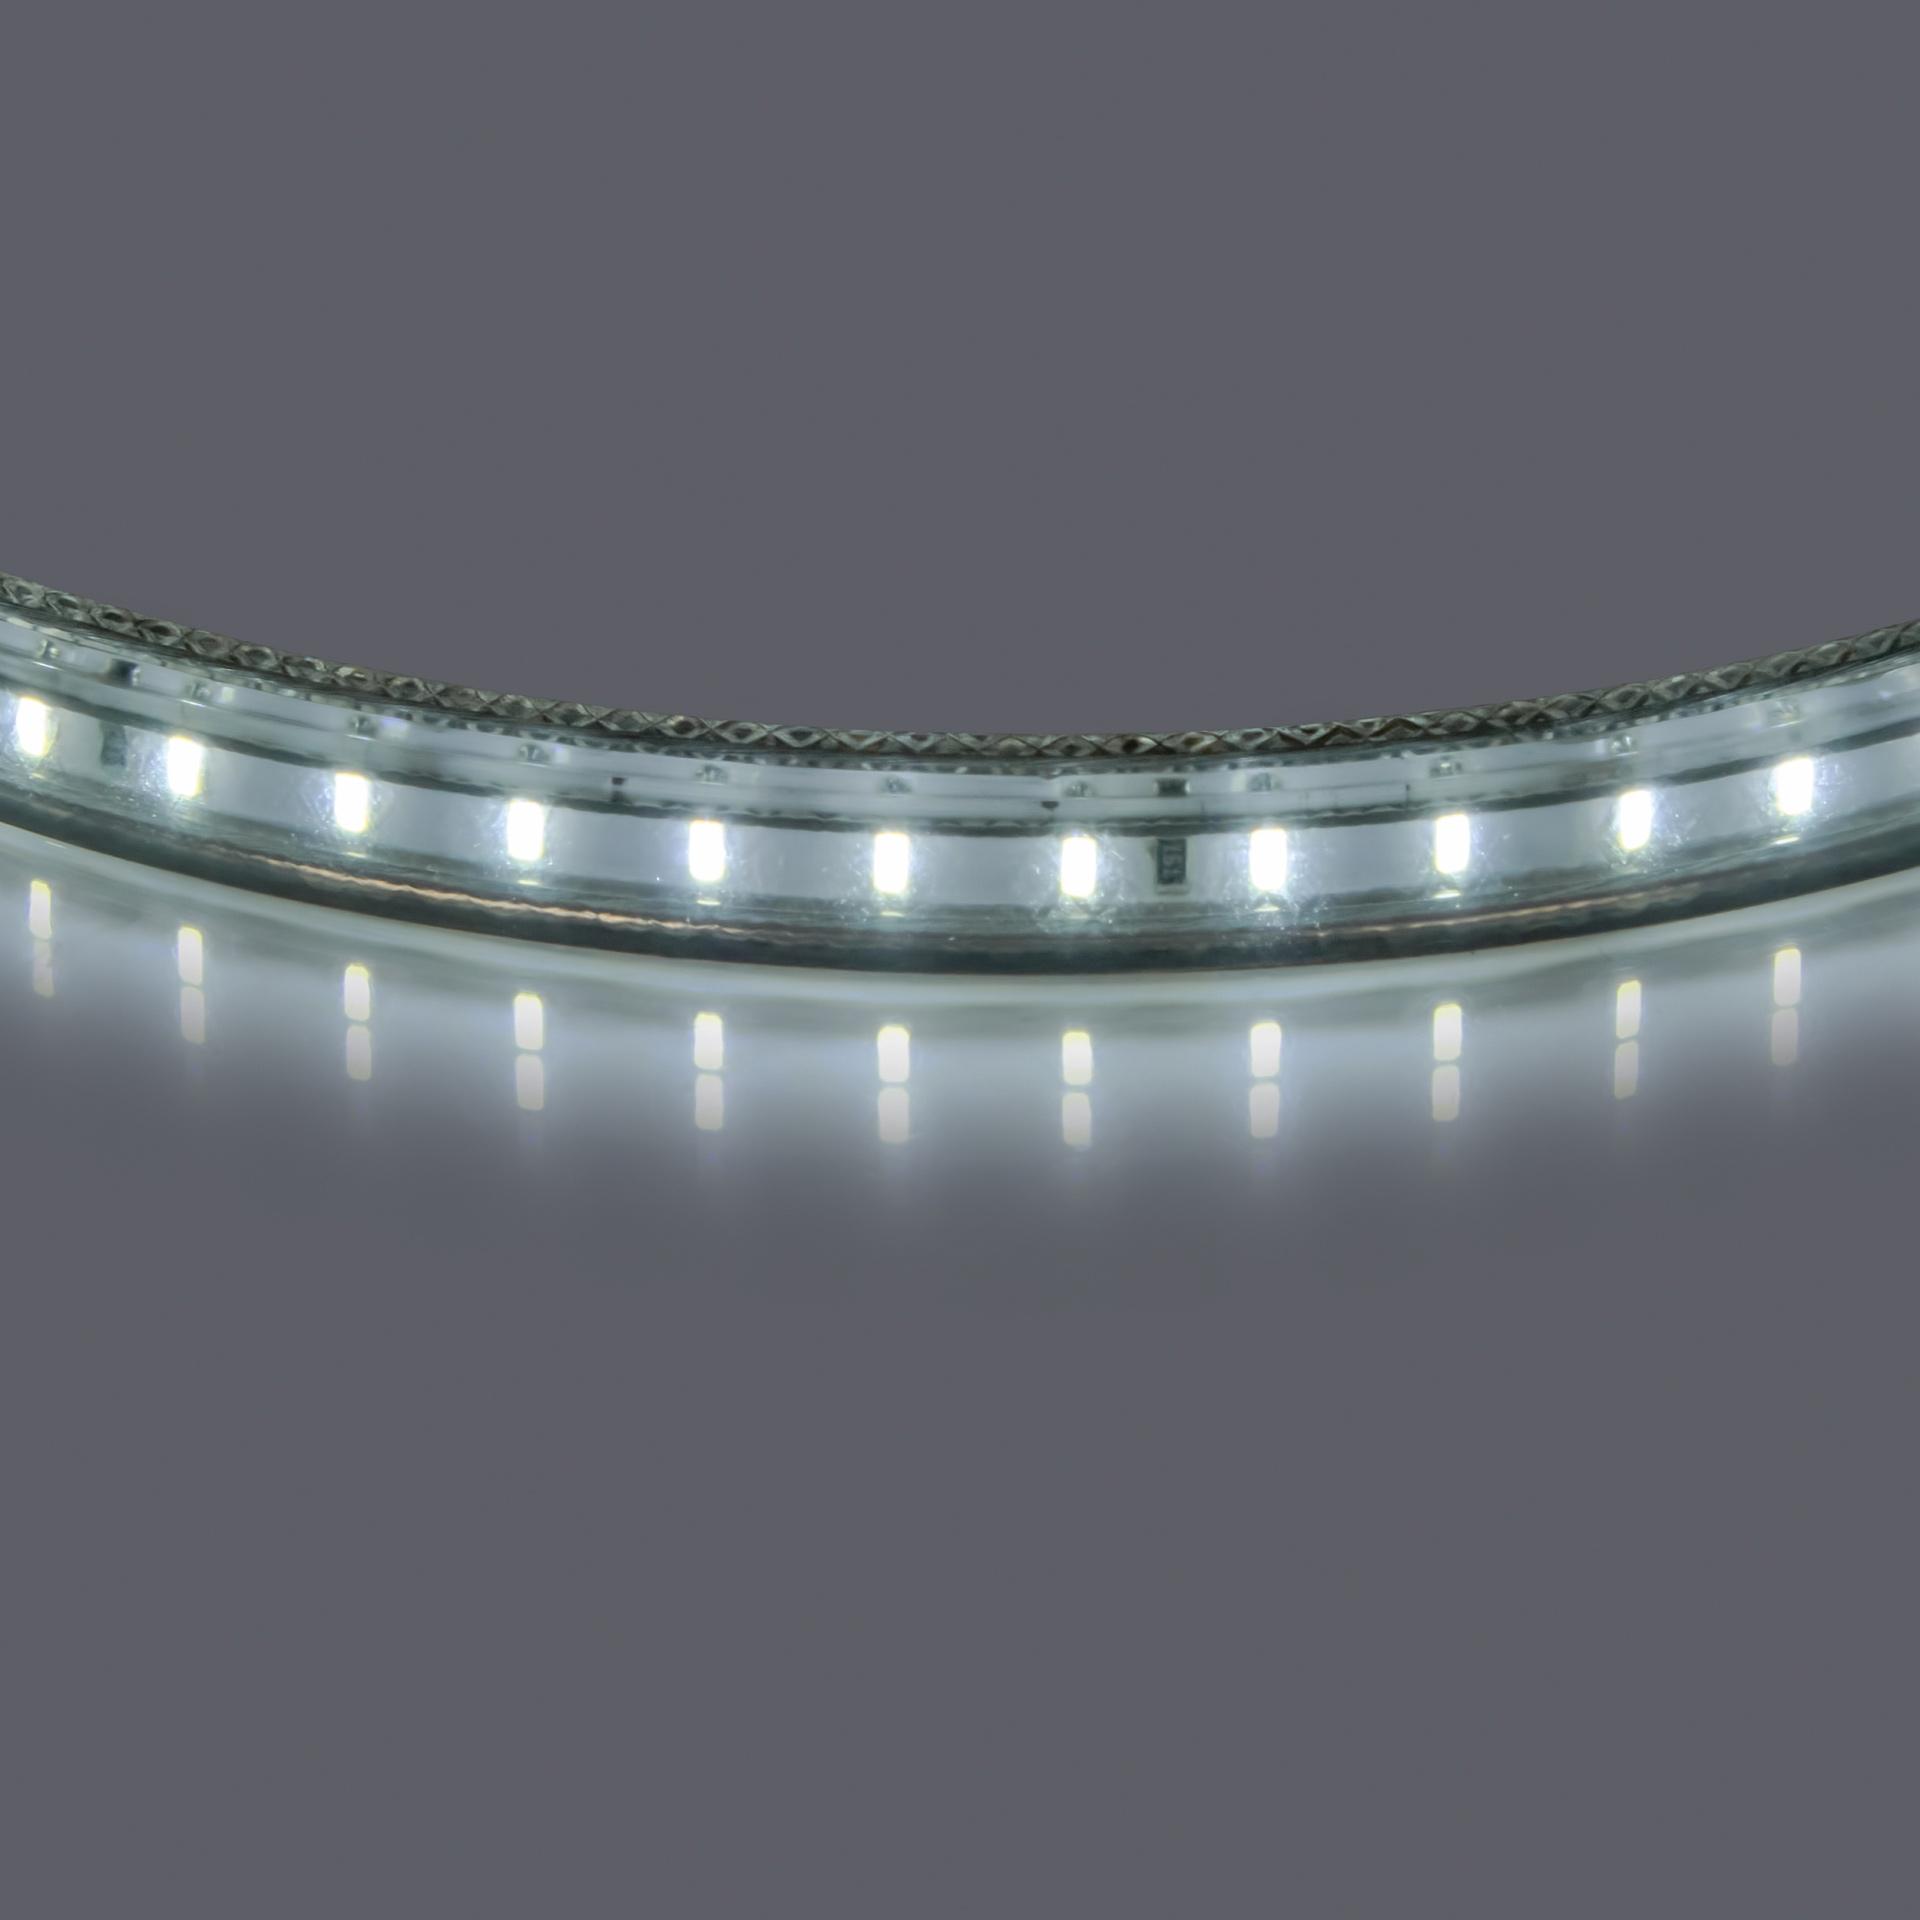 Лента 220V LED 4200-4500K нейтральный белый цвет Lightstar 402034, купить в СПб, Москве, с доставкой, Санкт-Петербург, интернет-магазин люстр и светильников Starlight, фото в жизни